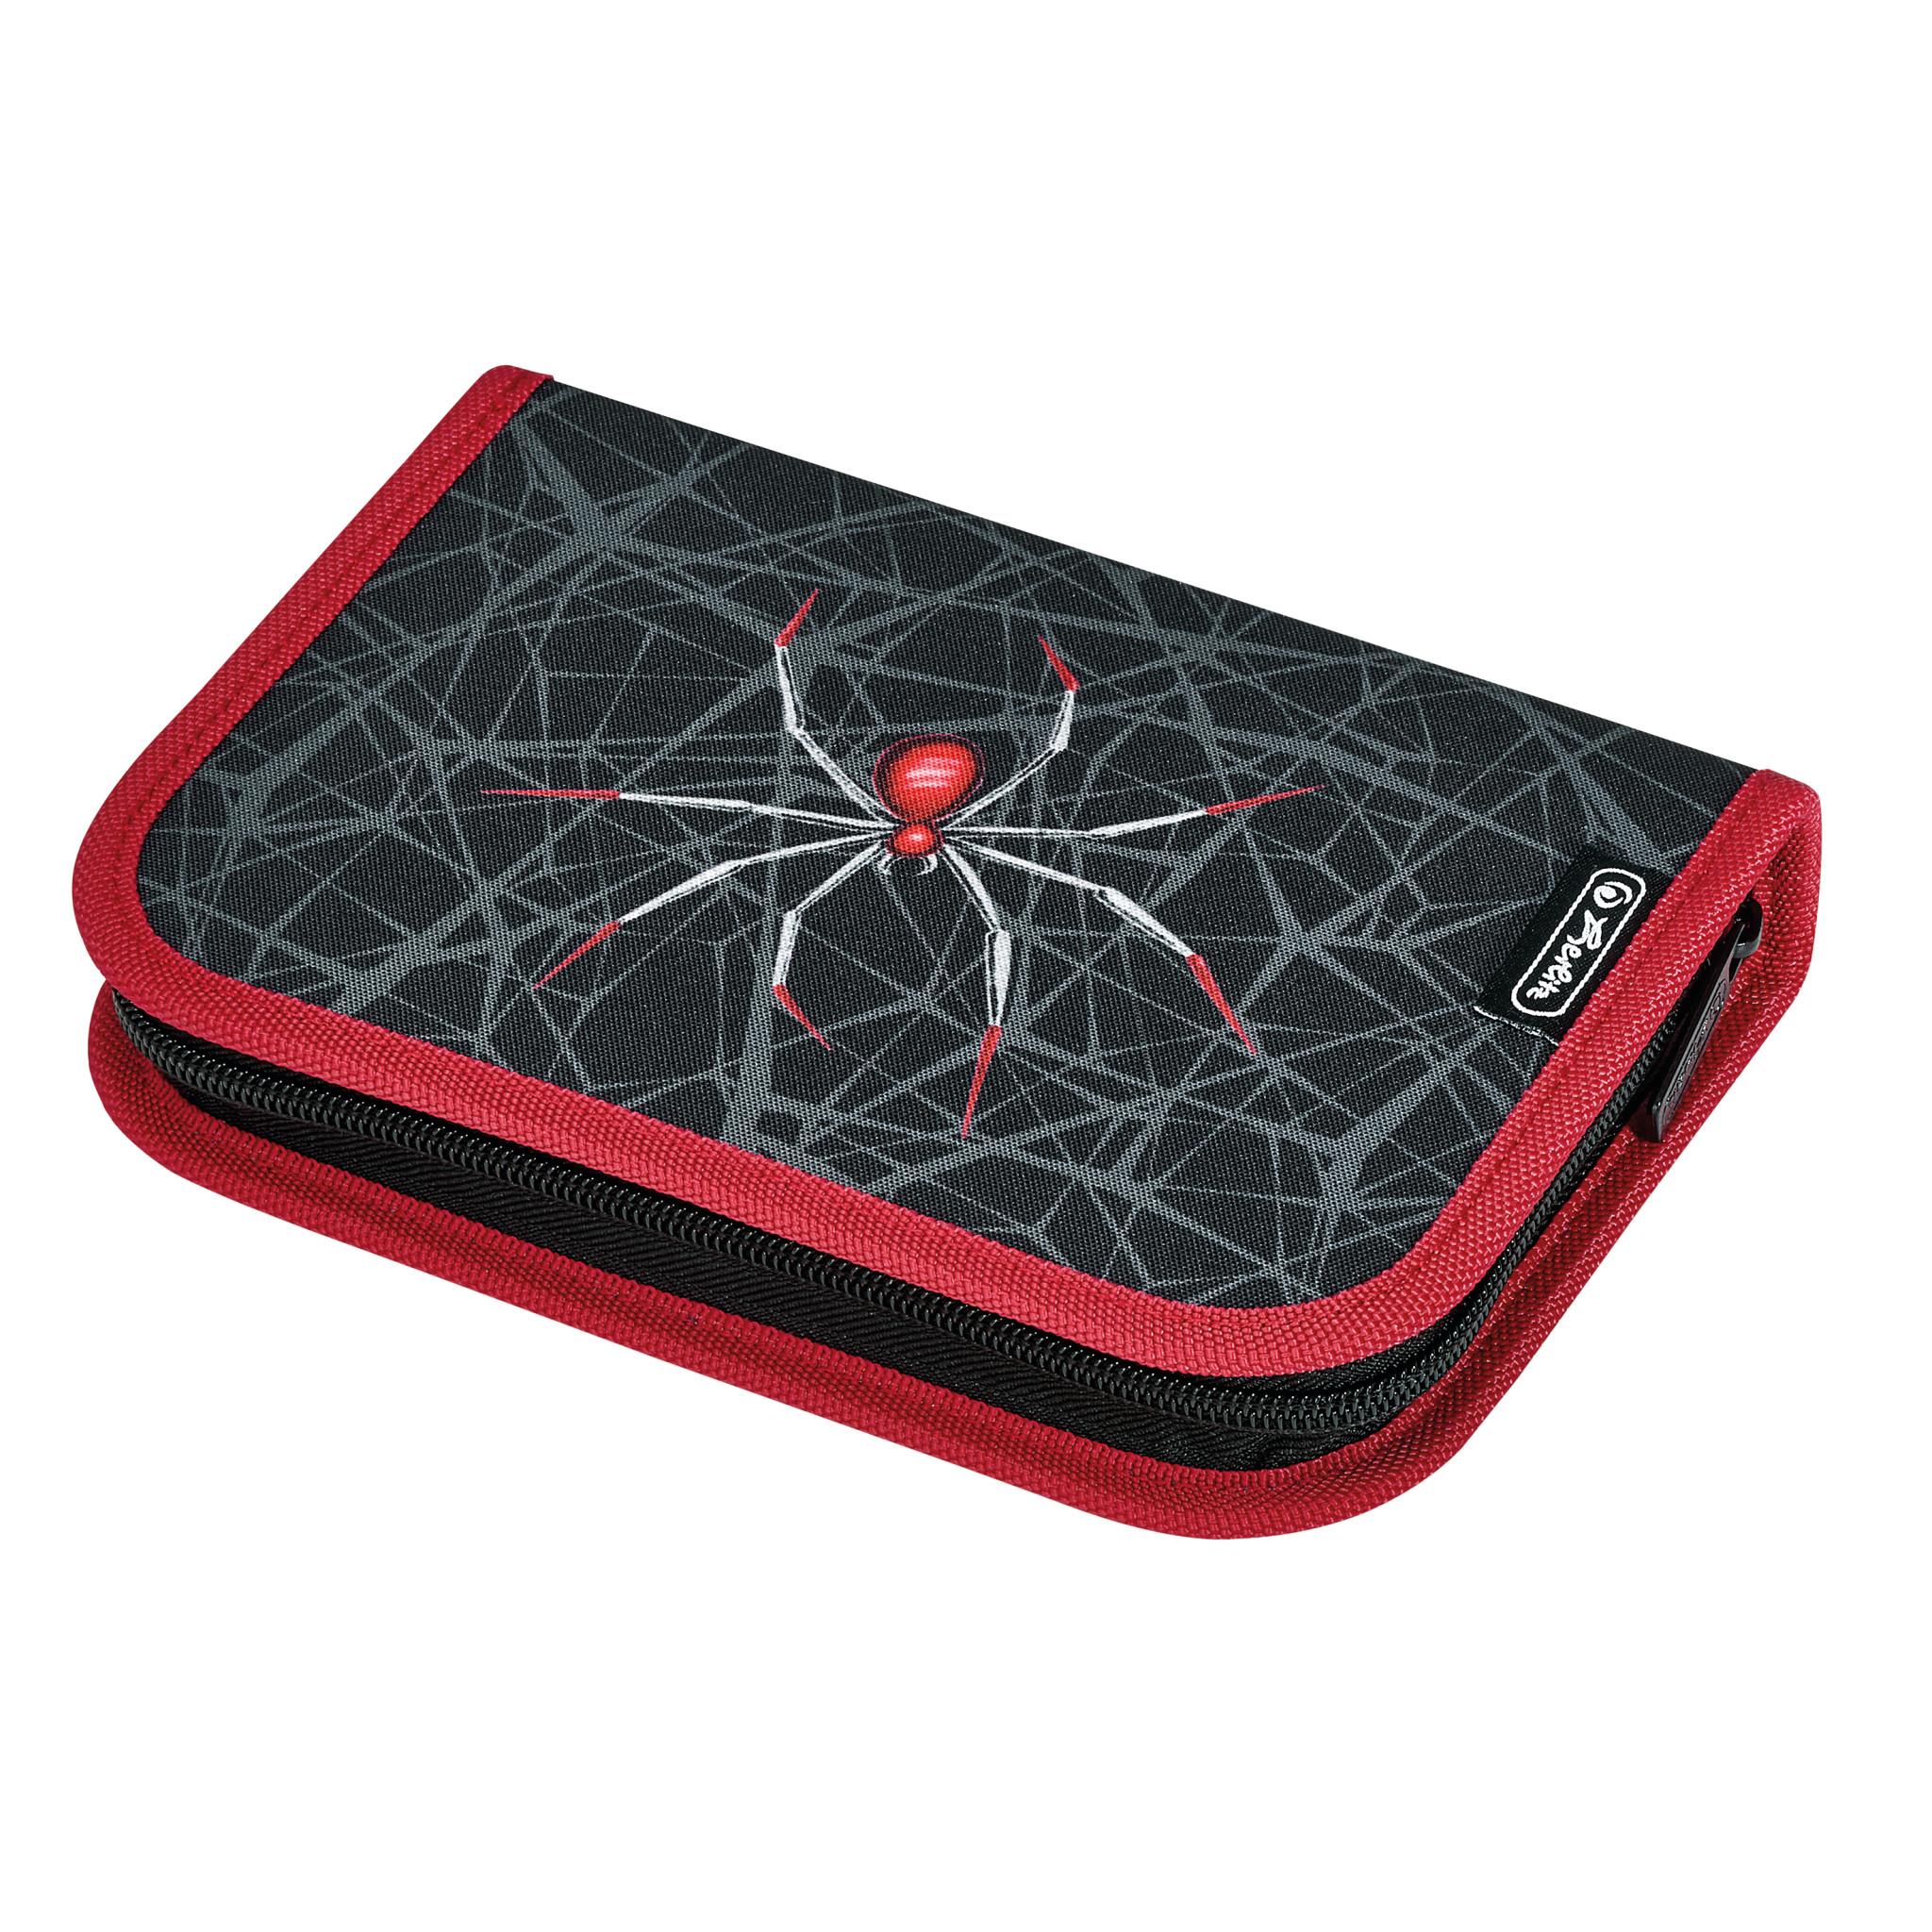 Herlitz 50033010 - Federmäppchen - Spider - Schwarz - Rot - Polyester